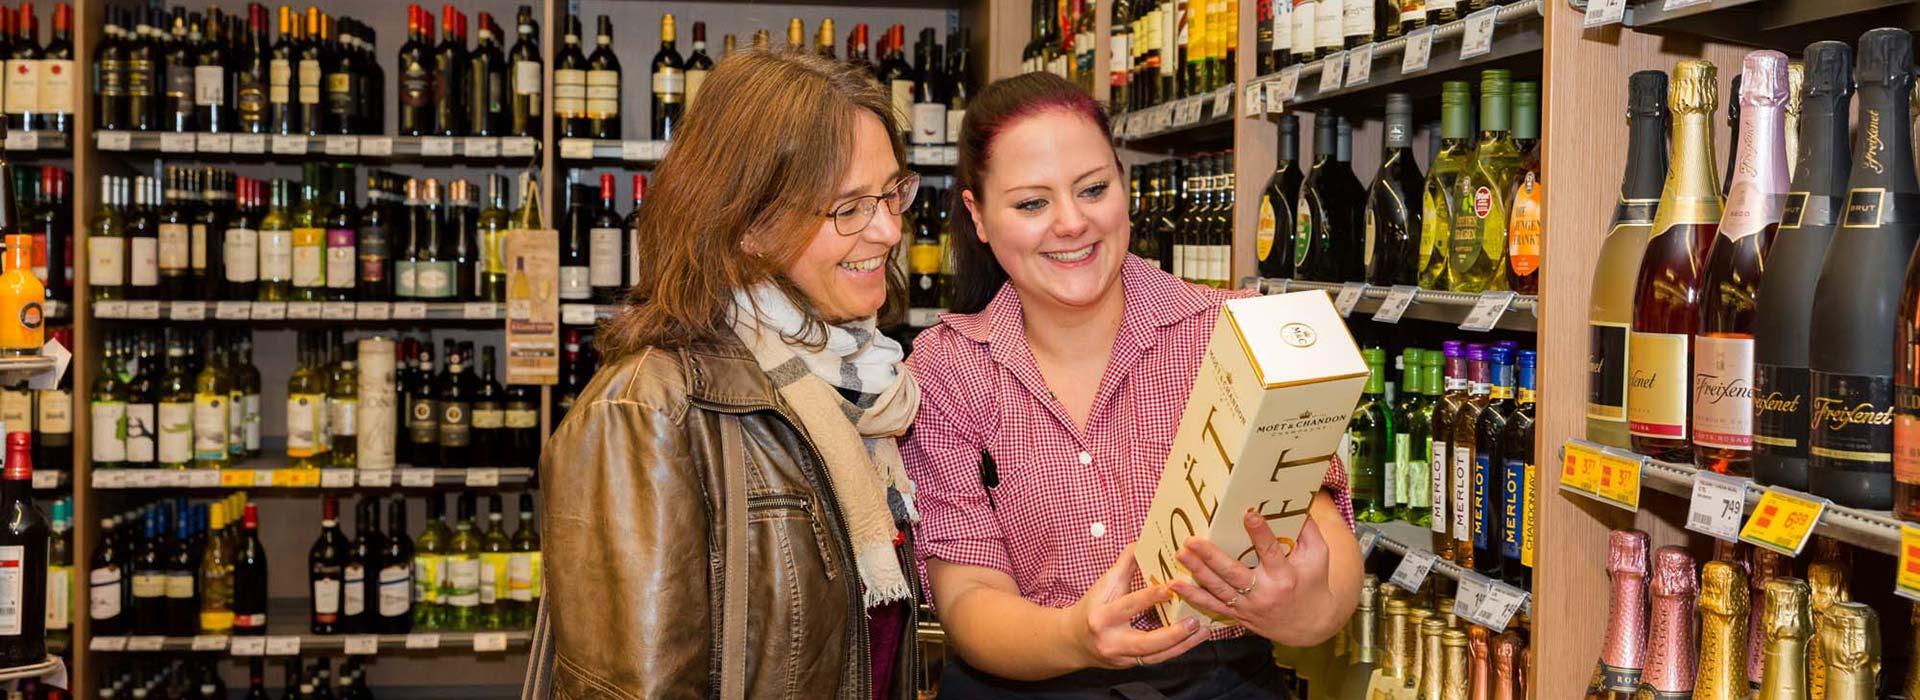 Beratung in der Weinabteilung in Allershausen